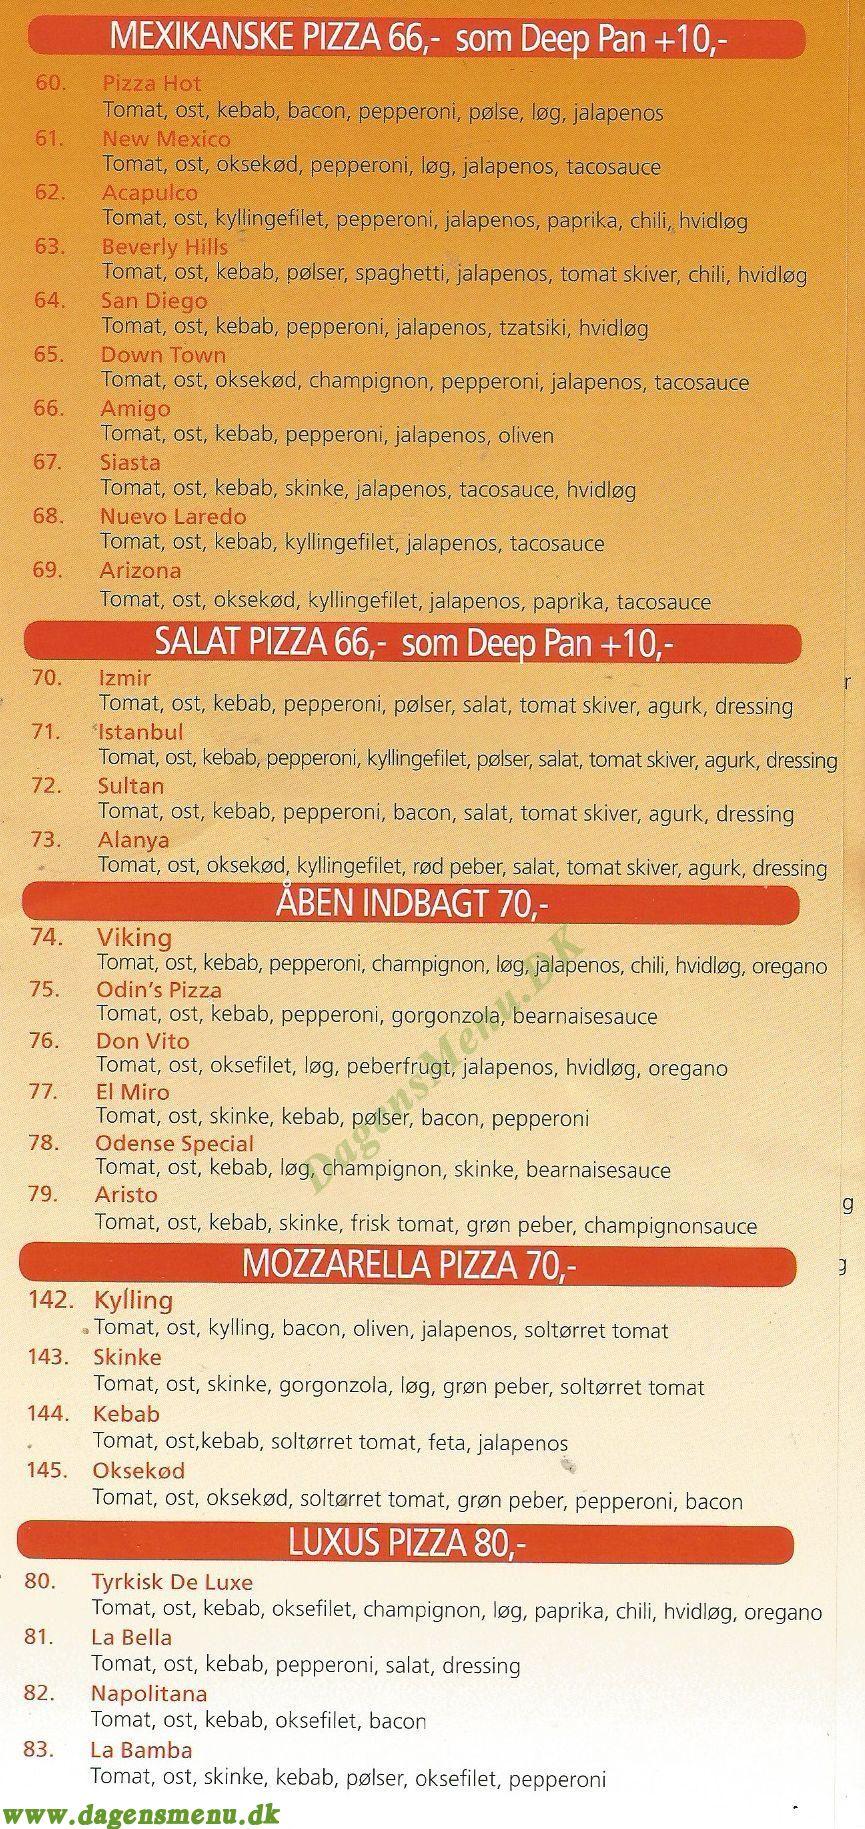 Tornbjerg Pizza, Ring og Bestil Take away i - Menukort